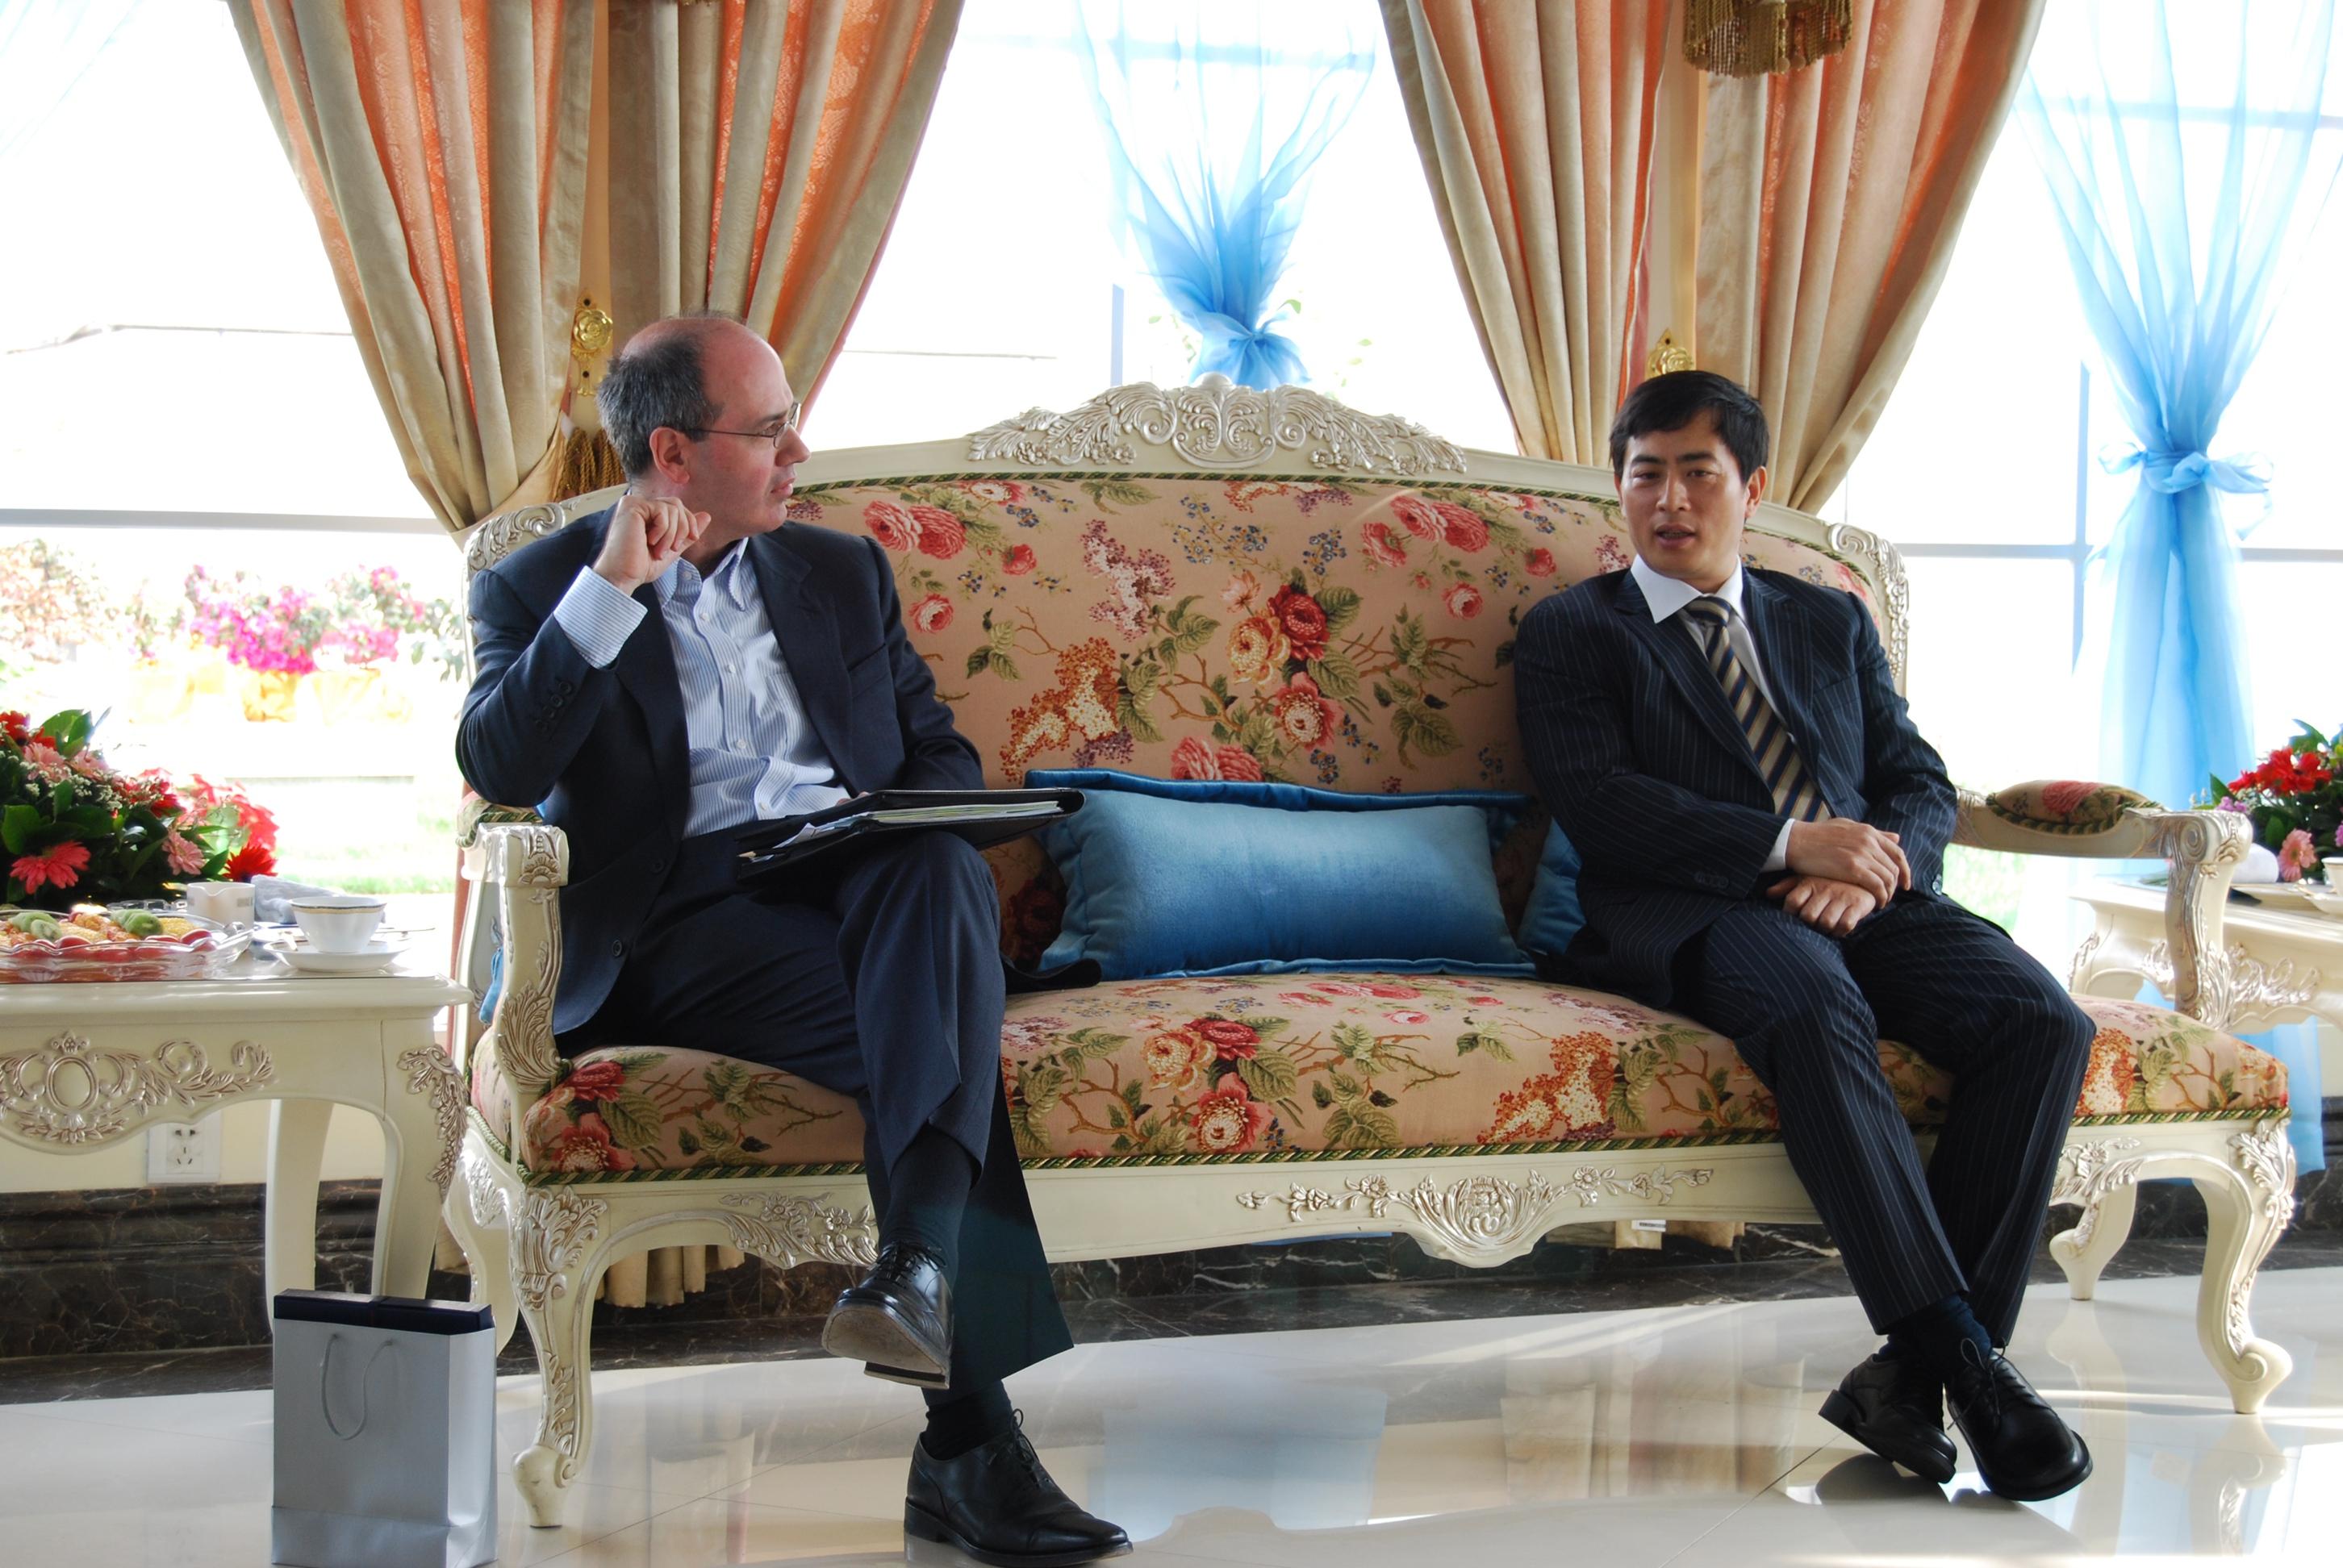 2009年陳總裁會見聚賢社與歐洲最大私募股權投資公司Bridgepoint高層訪問團